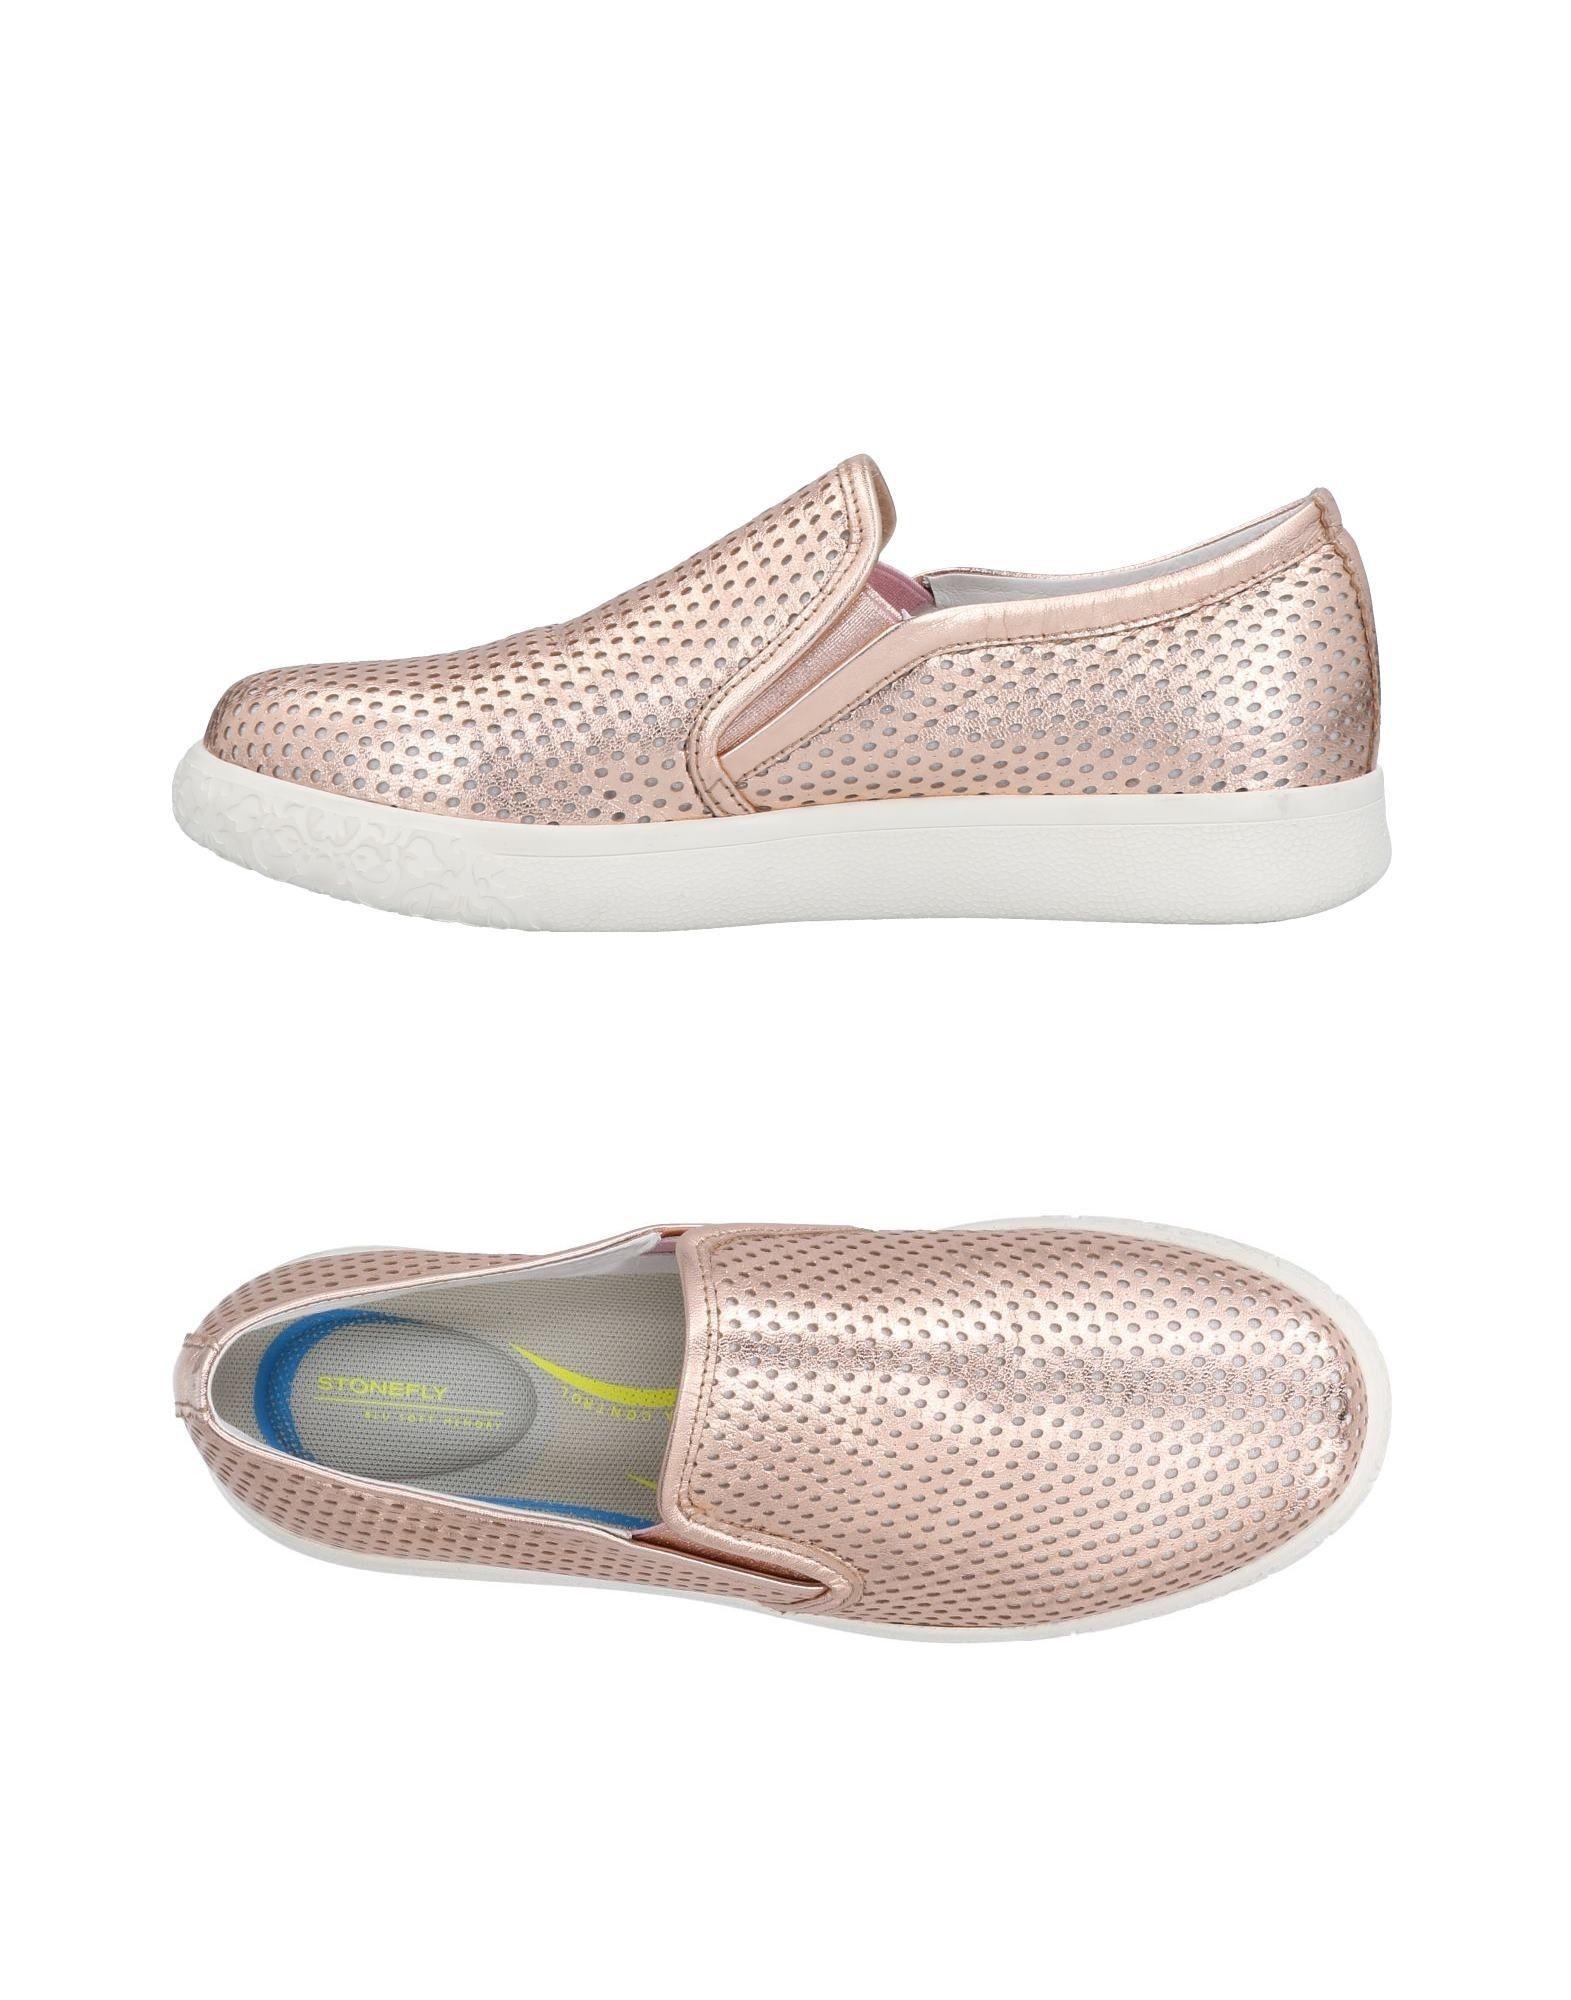 Stonefly Sneakers Damen  11503964KH Gute Qualität beliebte Schuhe